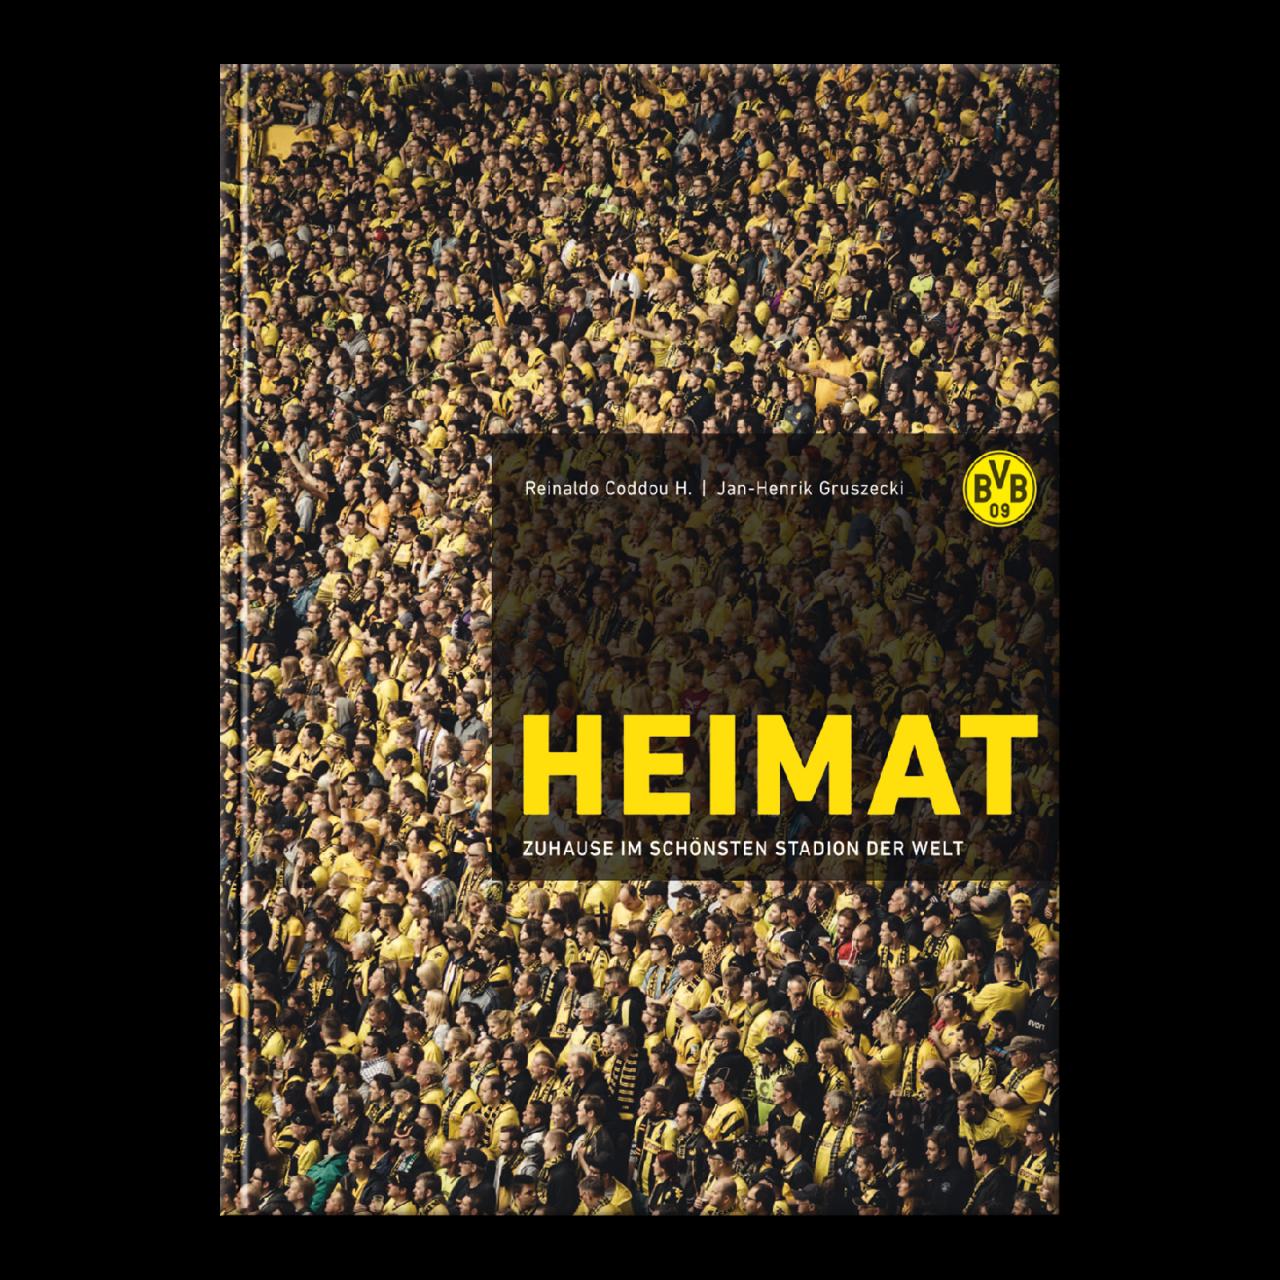 BVB-Buch: Heimat - zu Hause im schönsten Stadion